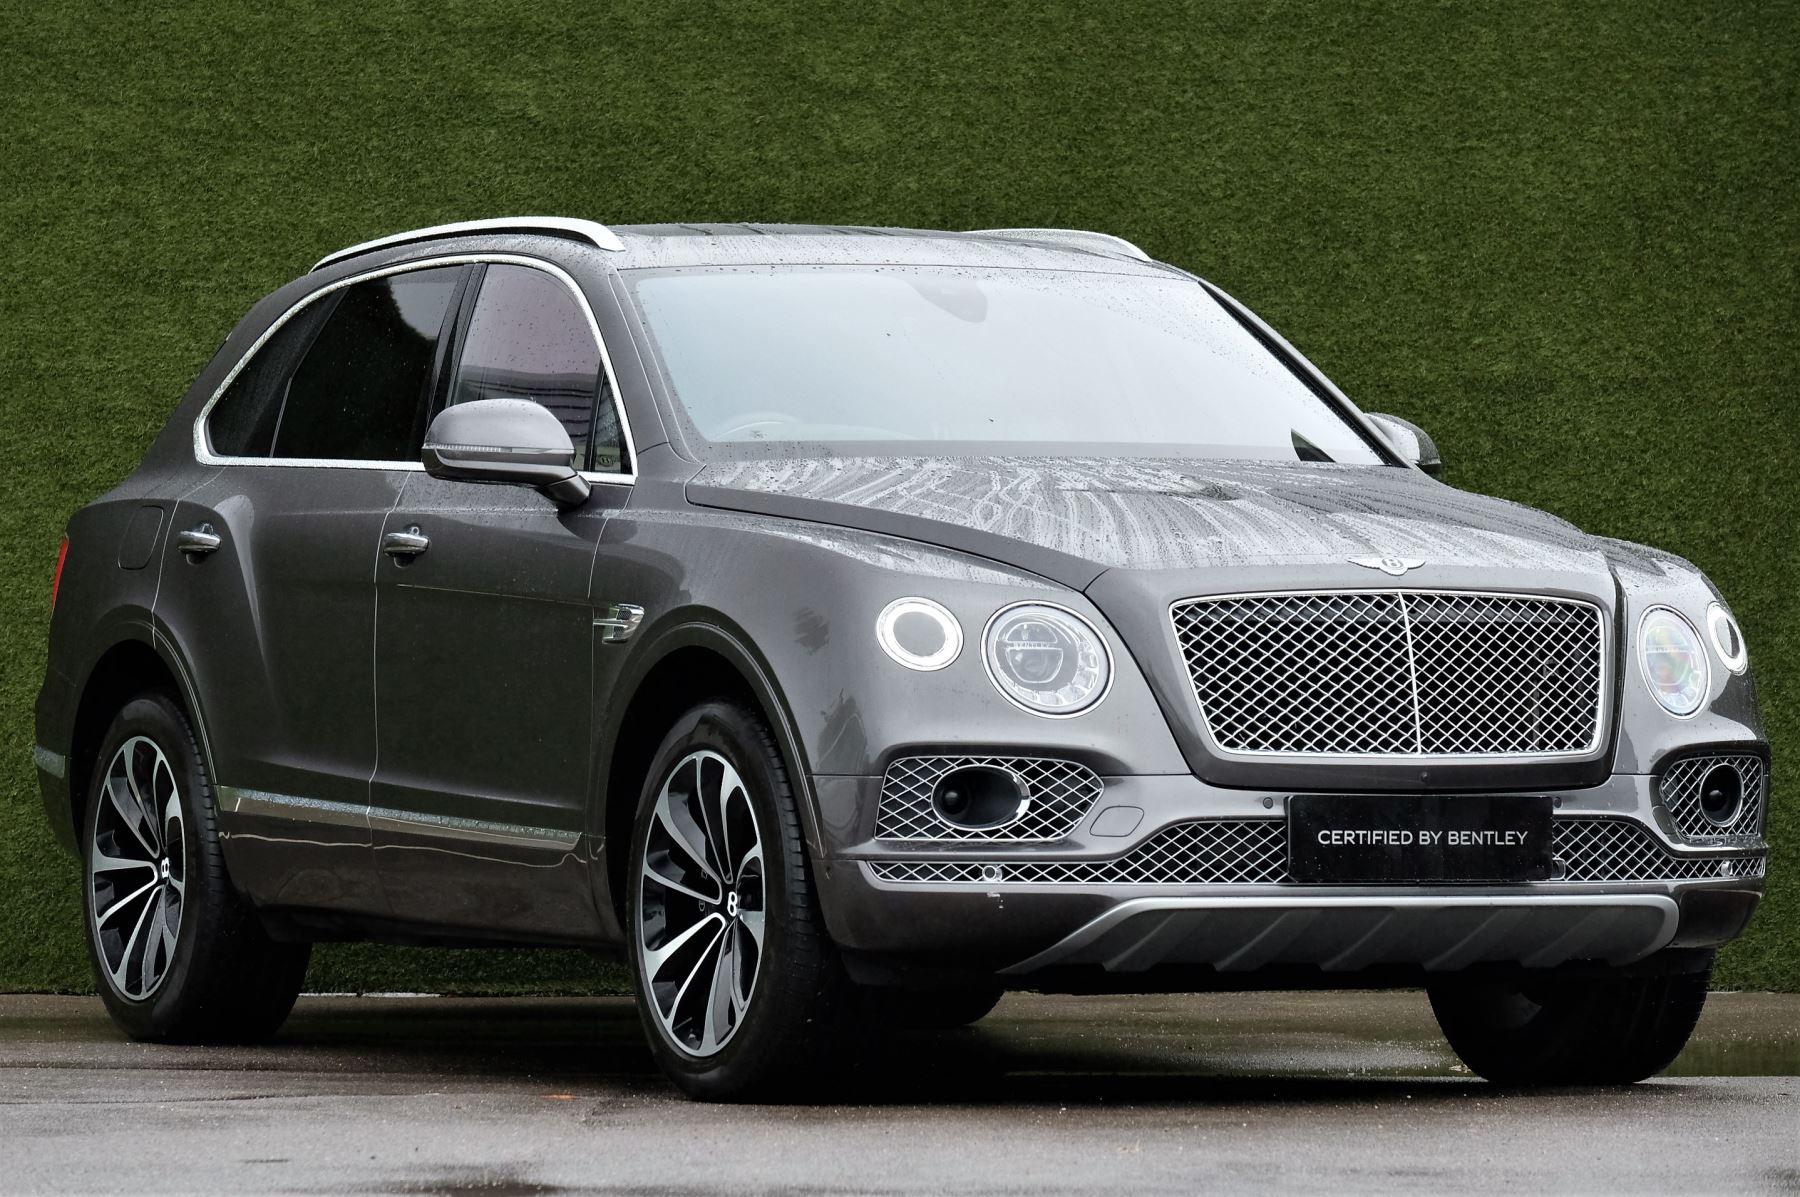 Bentley Bentayga 4.0 V8 5dr - Mulliner Driving Specification image 1